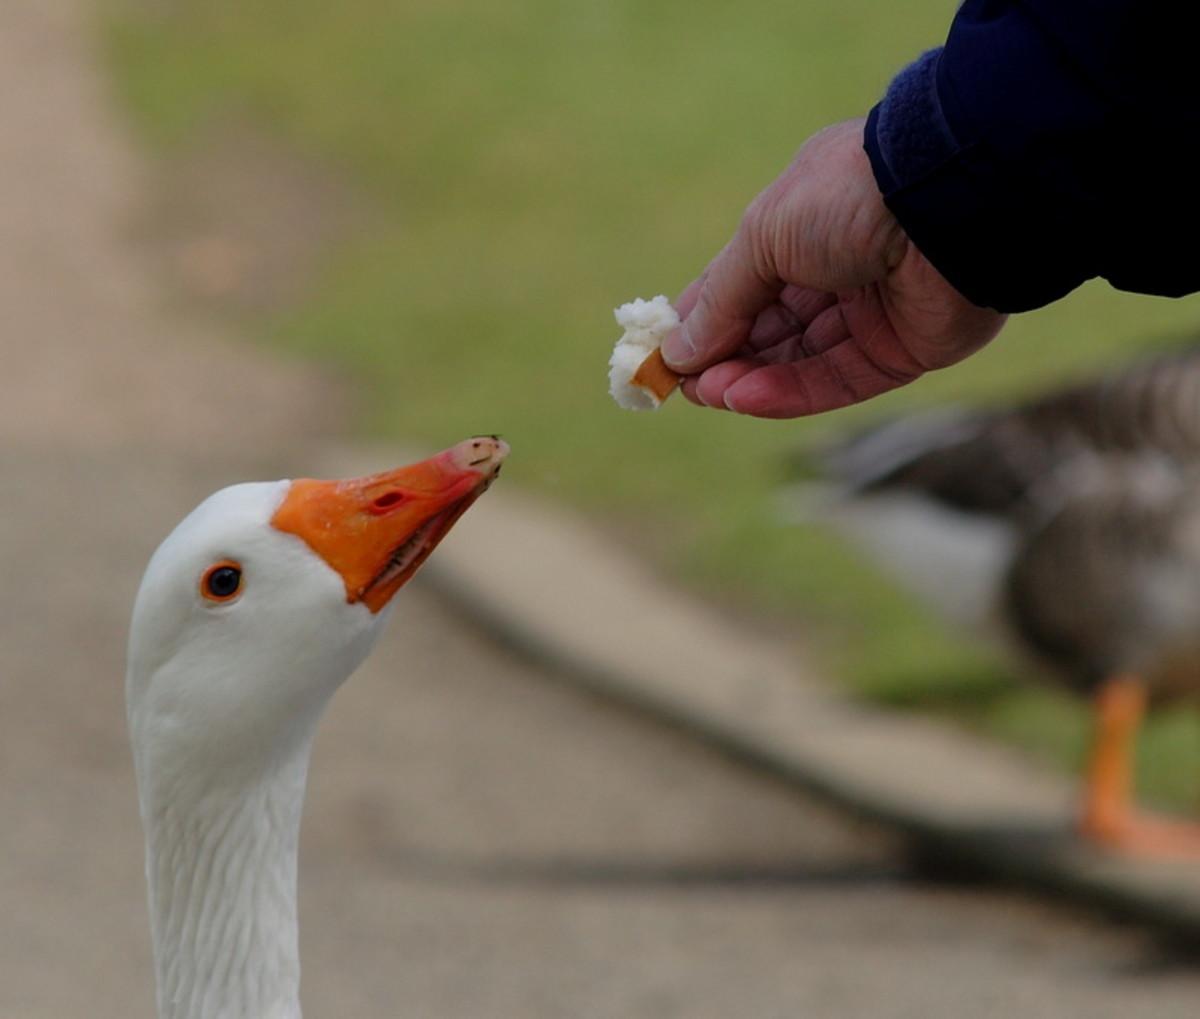 Feeding a goose